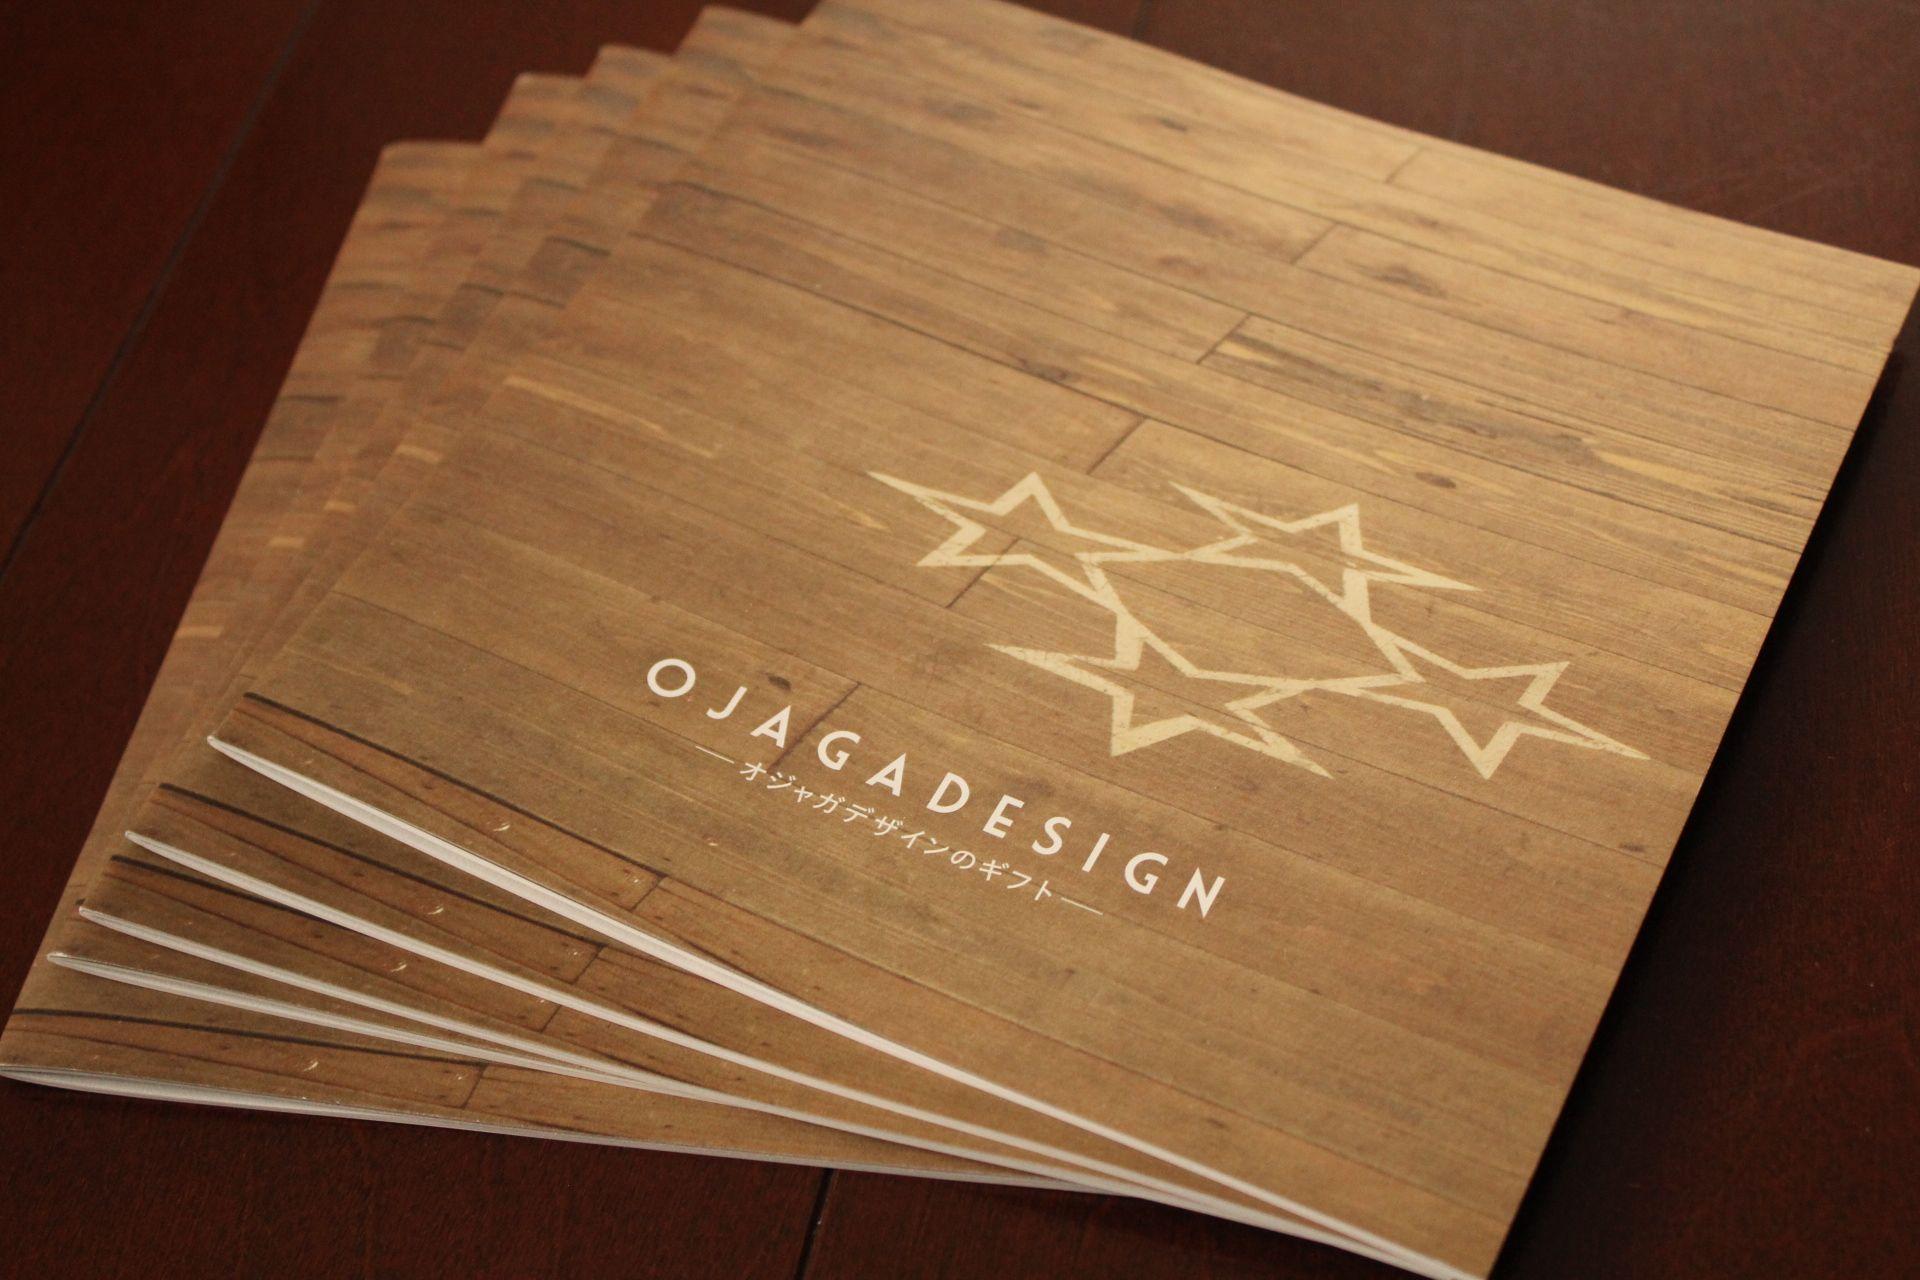 ojaga design catalog -オジャガデザインのギフト-_c0222907_8344992.jpg